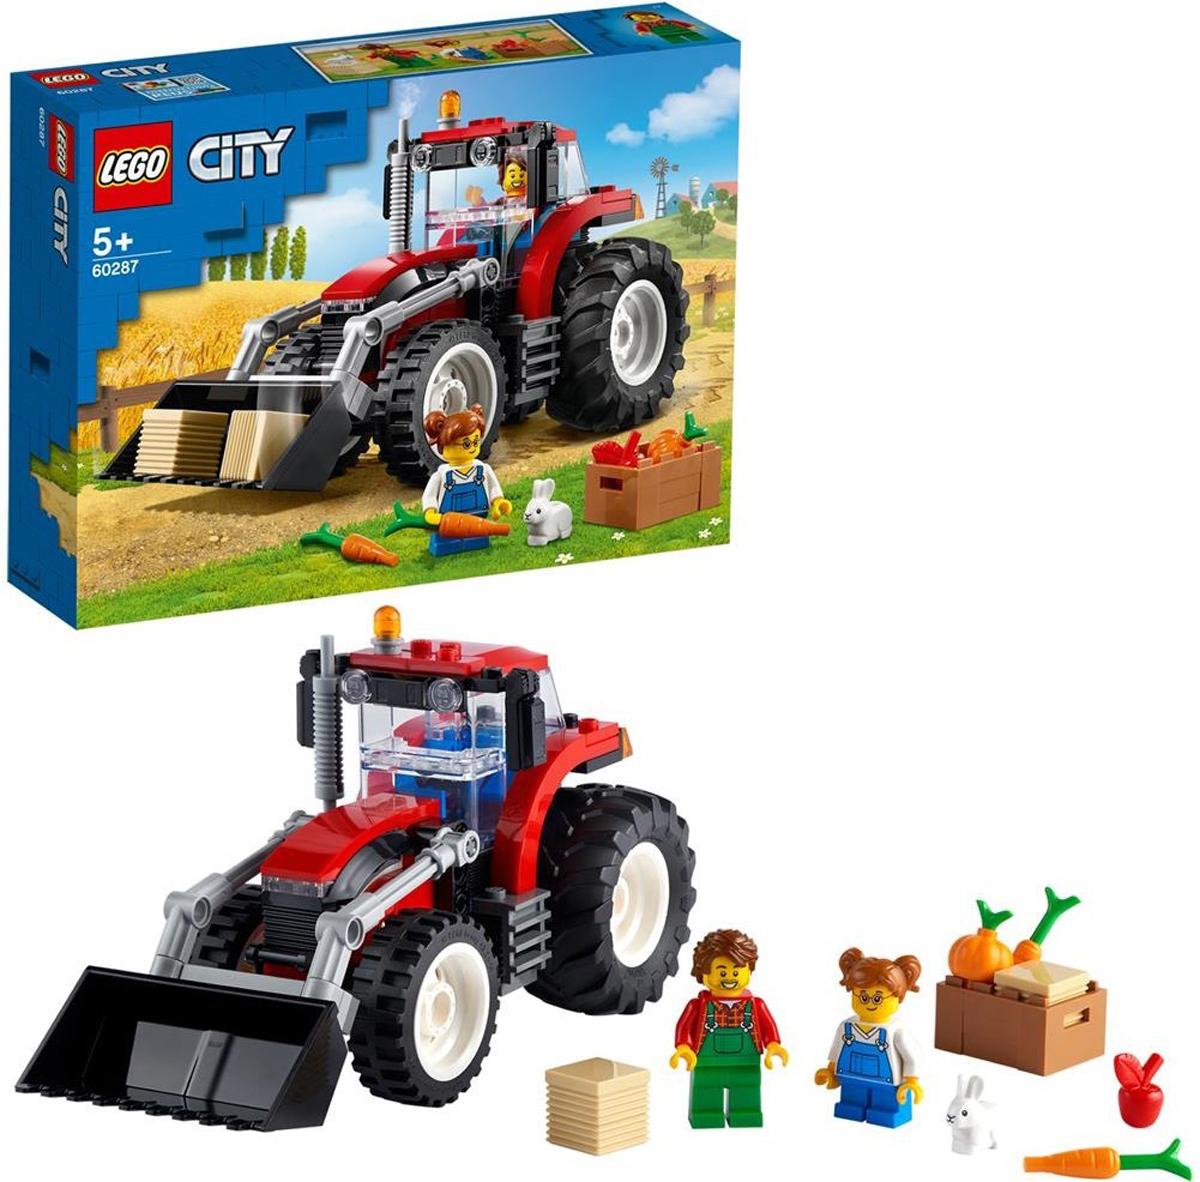 LEGO City 2021 H1 Set and Box Art Images Revealed